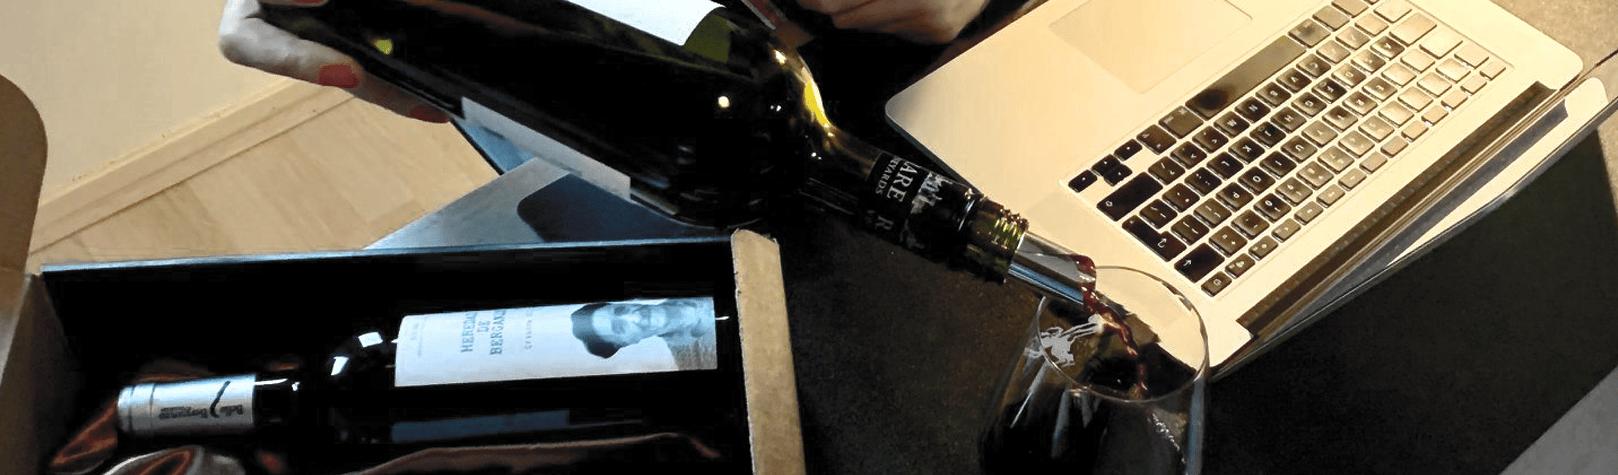 Heb jij ooit online wijn geproefd?